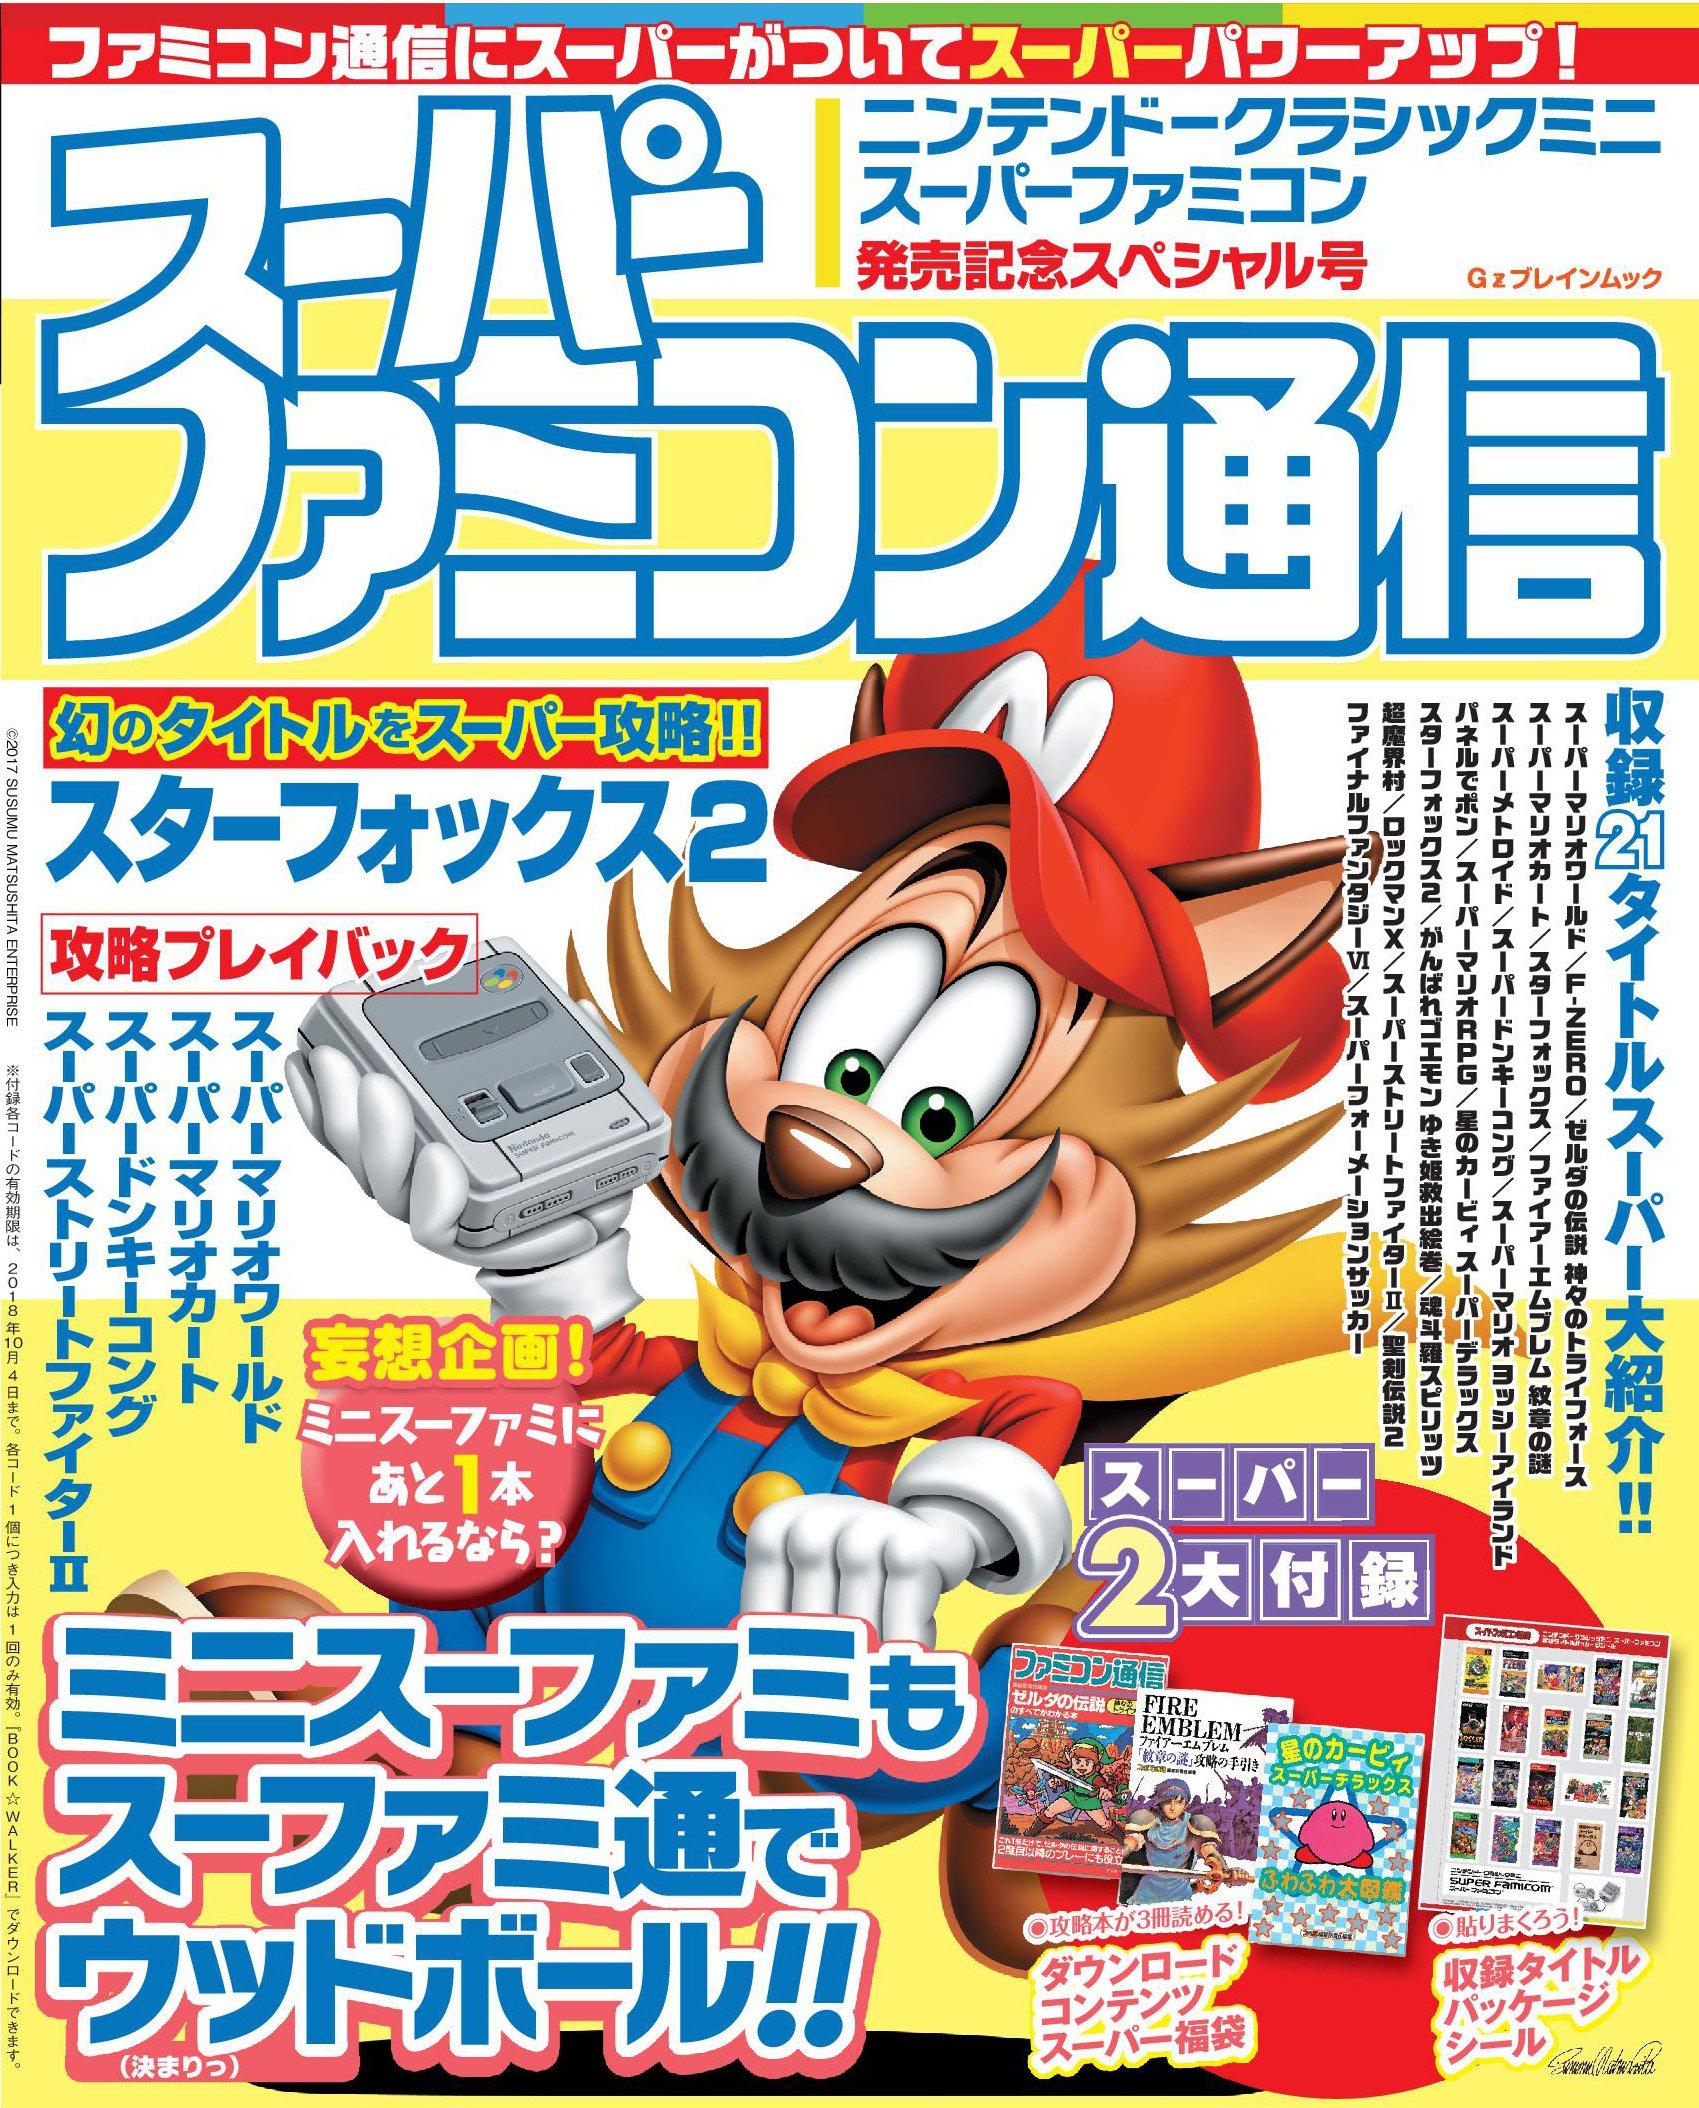 2017年10月5日に発売される『スーパーファミコン通信』の表紙が公開!